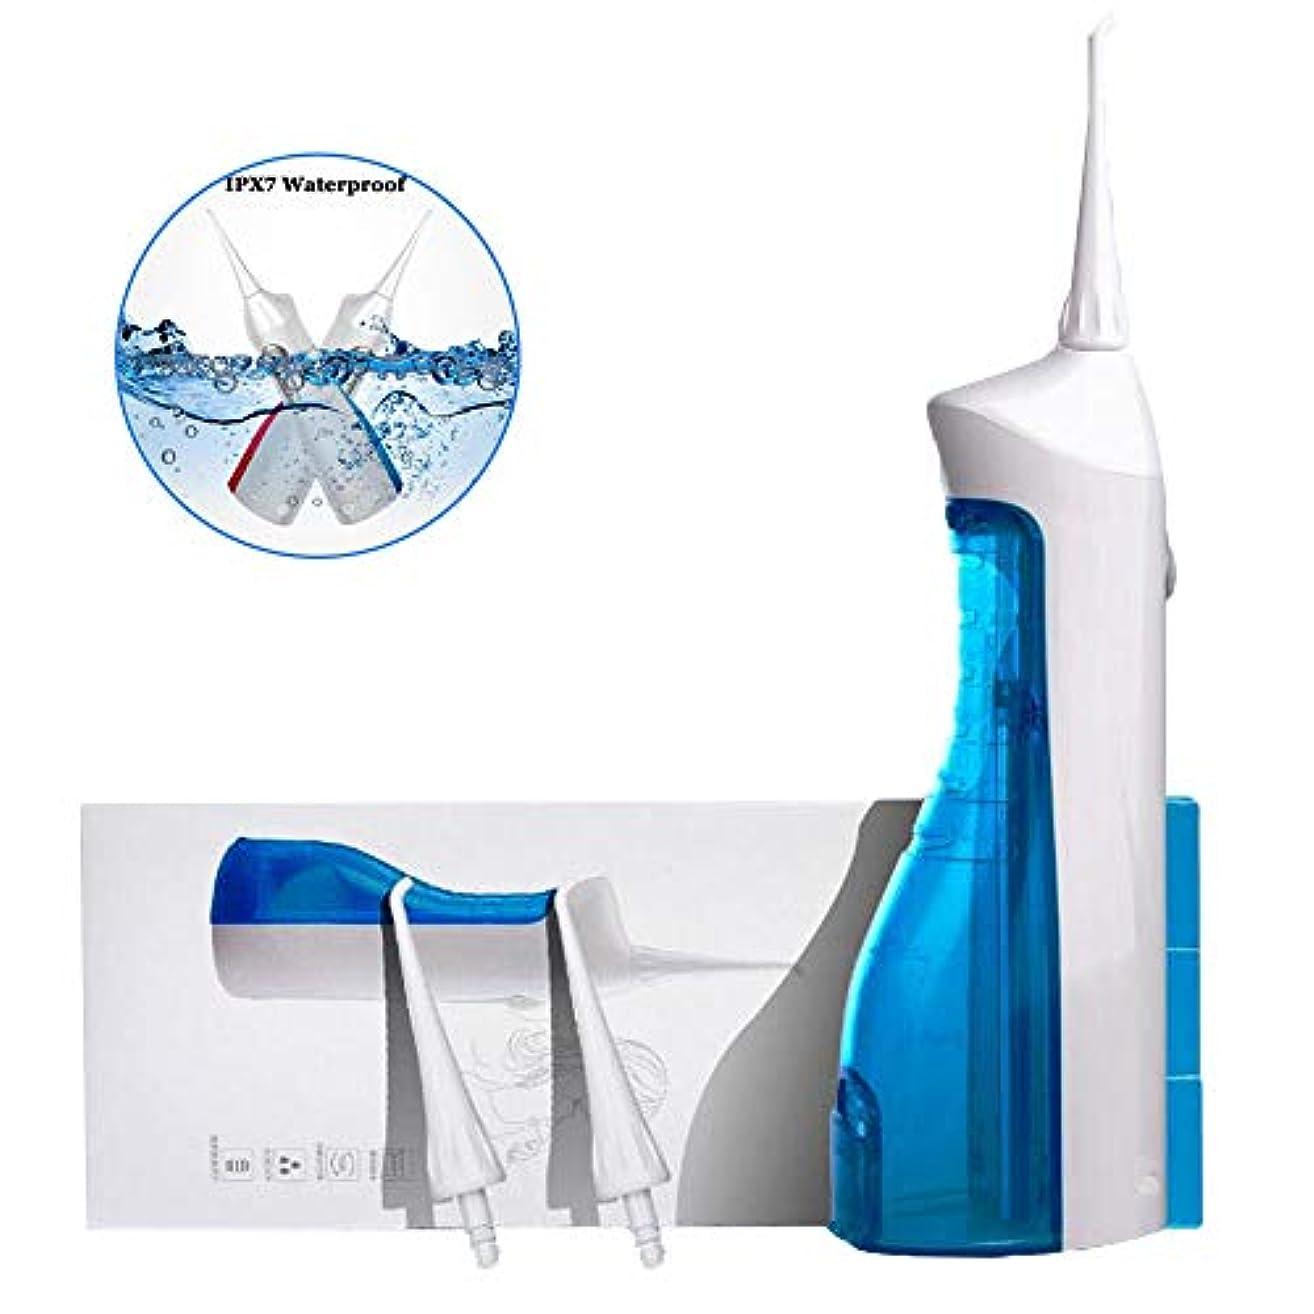 間隔怪物リンケージ歯用ウォーターフロッサー、ポータブルプロフェッショナルコードレス歯科口腔洗浄器、150mlタンク、2本のジェットチップ付き歯磨き粉用クリーナー、2つのクリーニングモード、USB充電式、IPX7防水